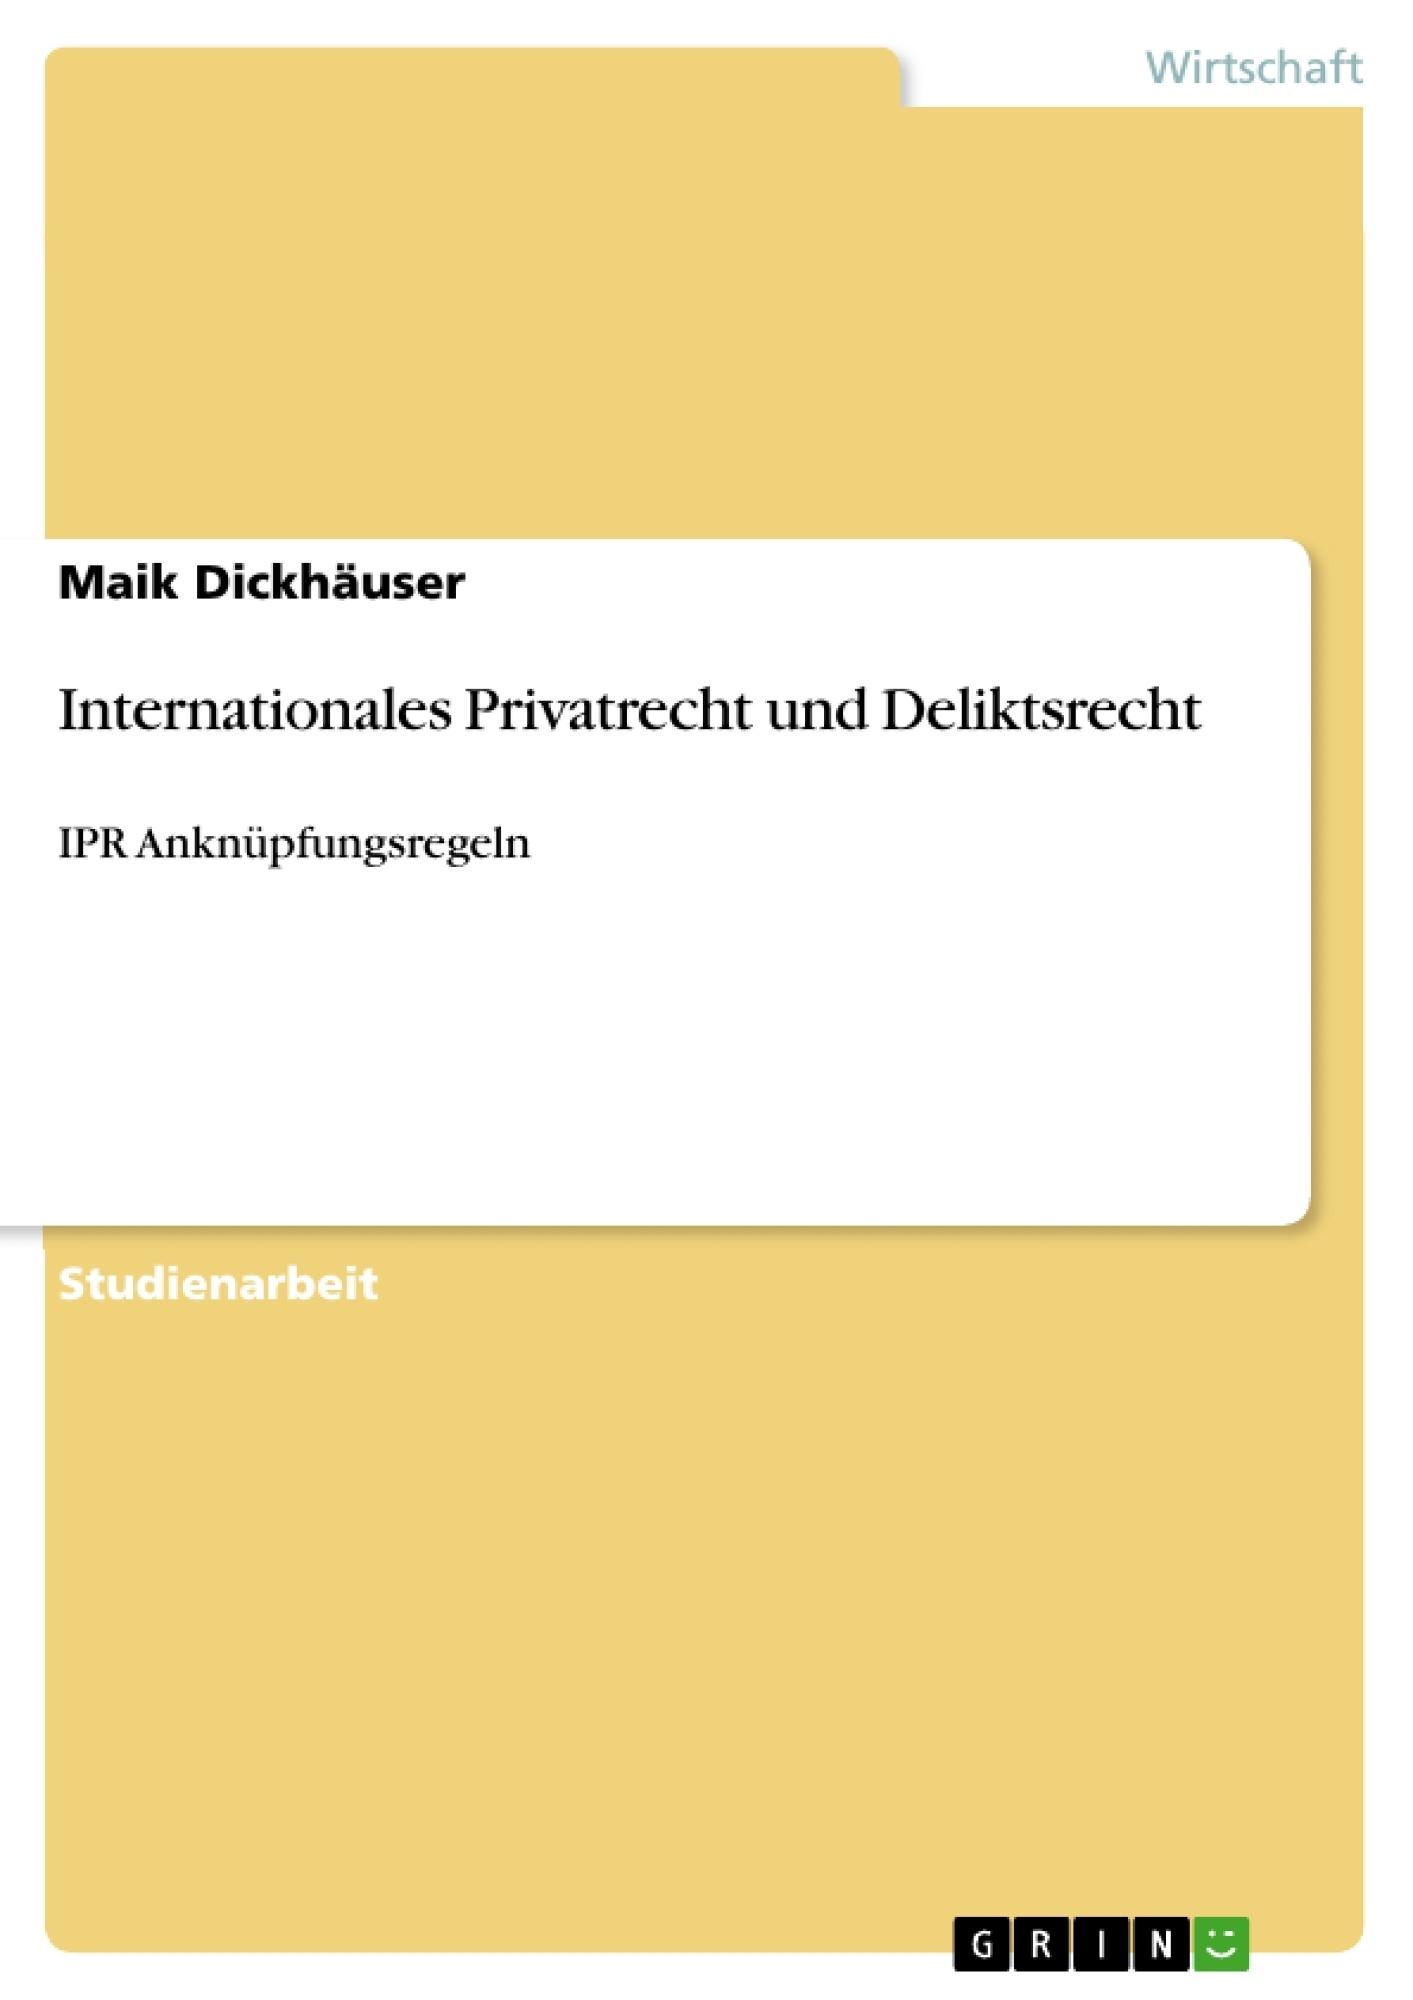 Titel: Internationales Privatrecht und Deliktsrecht